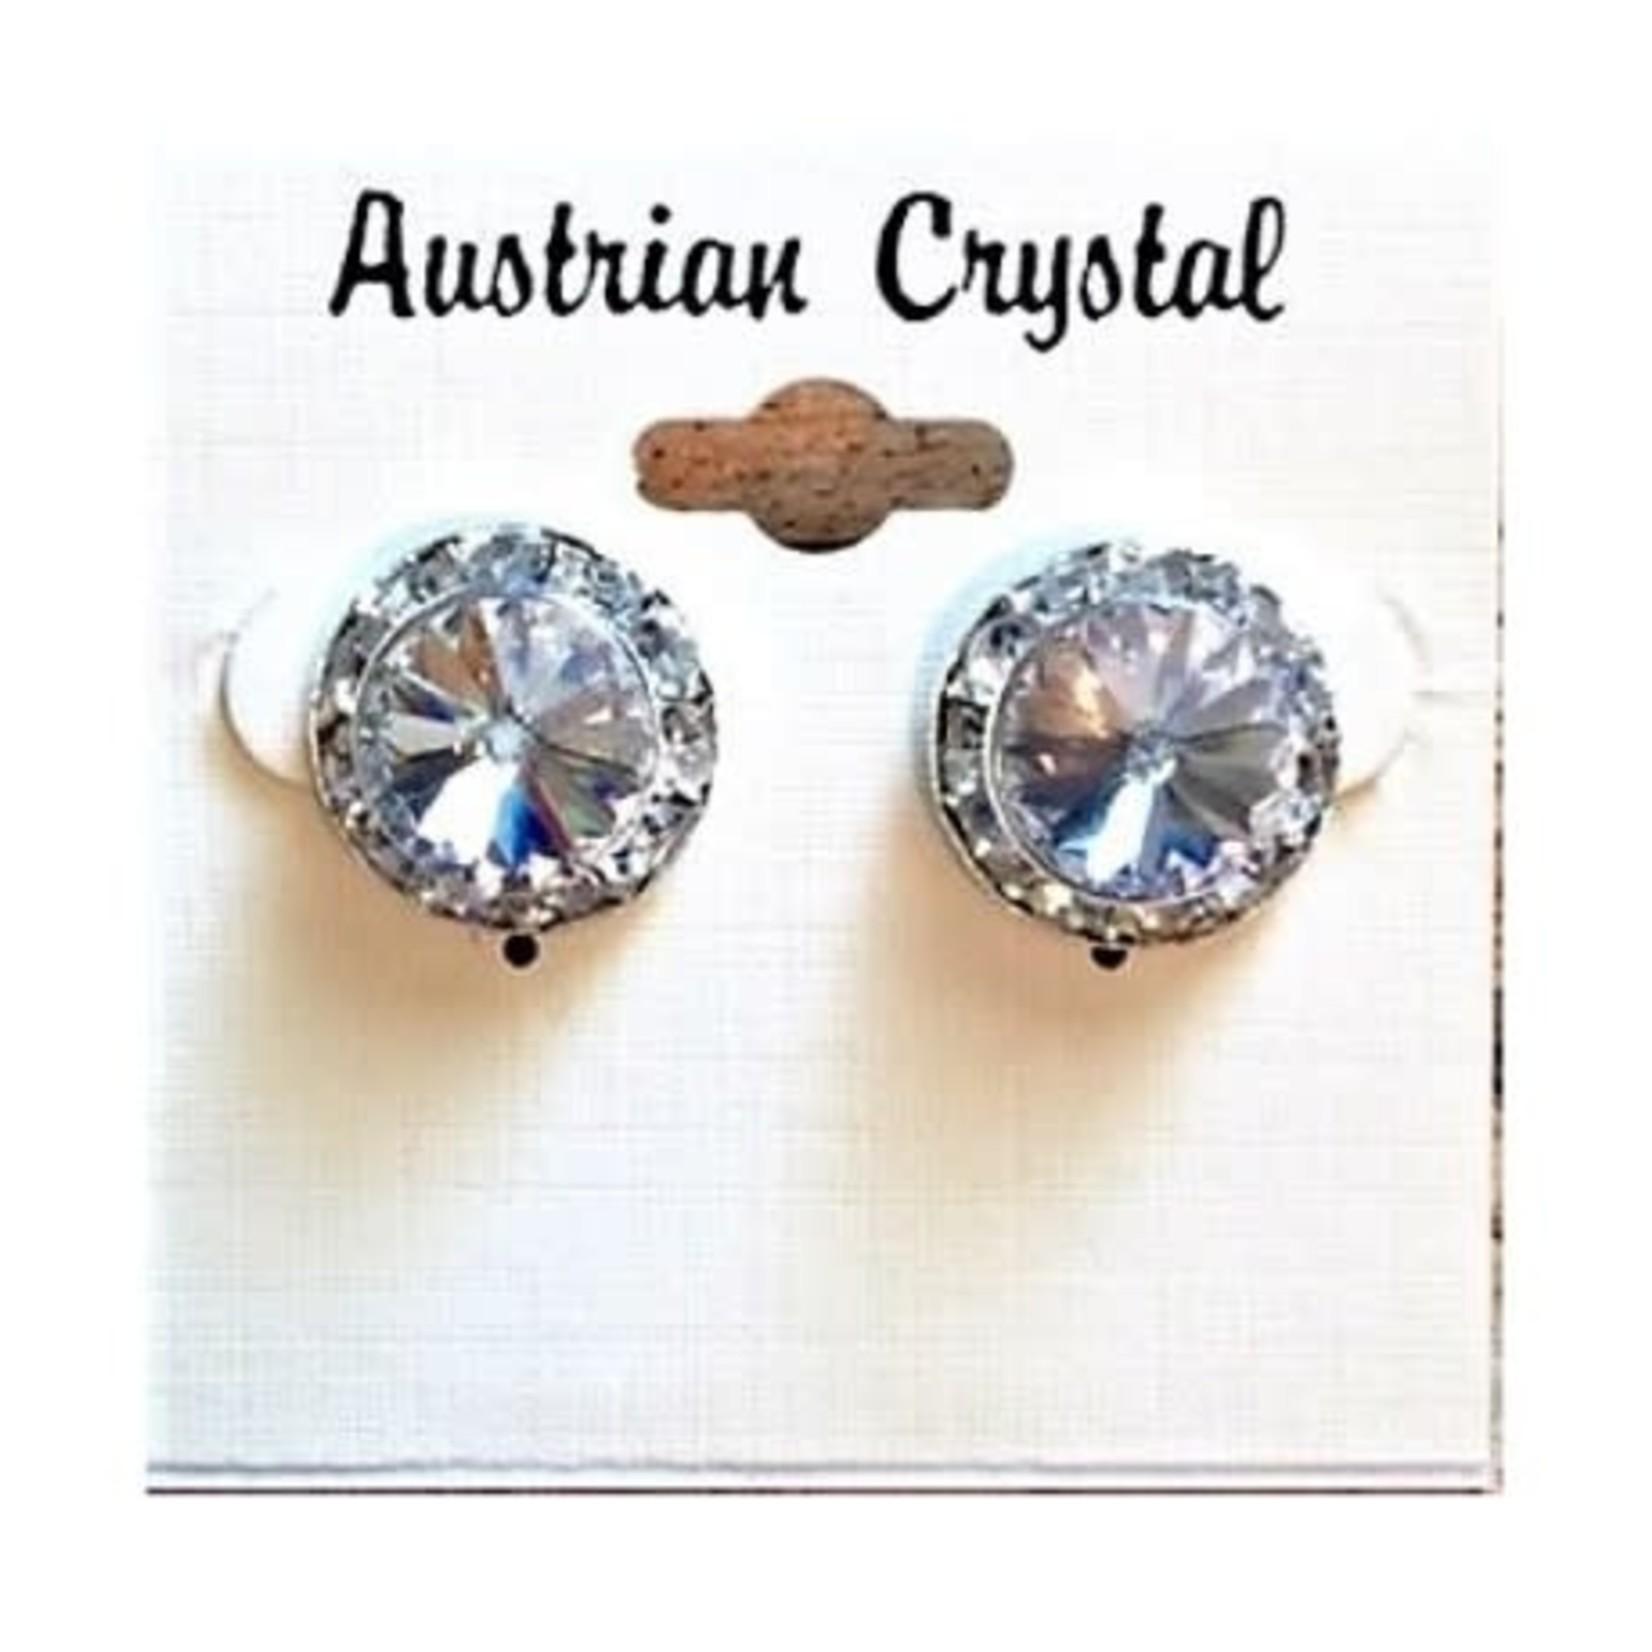 CJ Merchantile RA35 Australian Crystal Clear 15mm Post Earrings